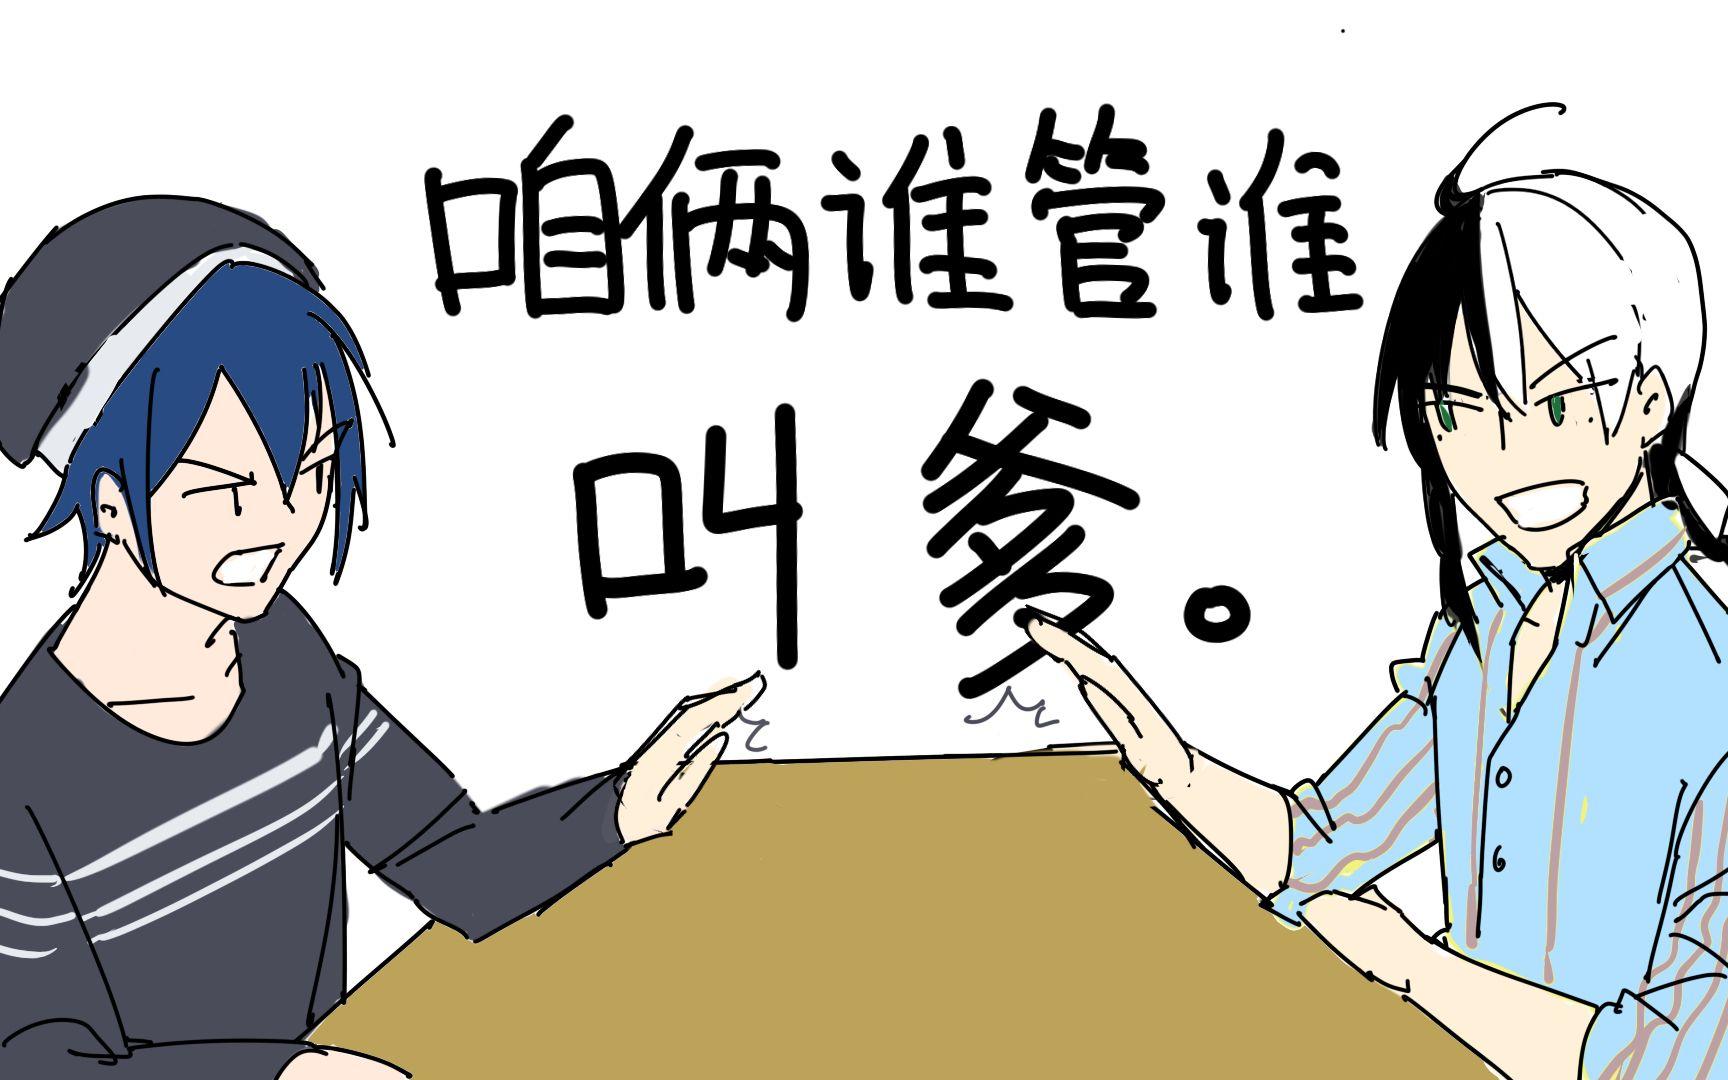 咱俩谁管谁叫爹 (Zánliǎ Shéi Guǎn Shéi Jiào Diē)